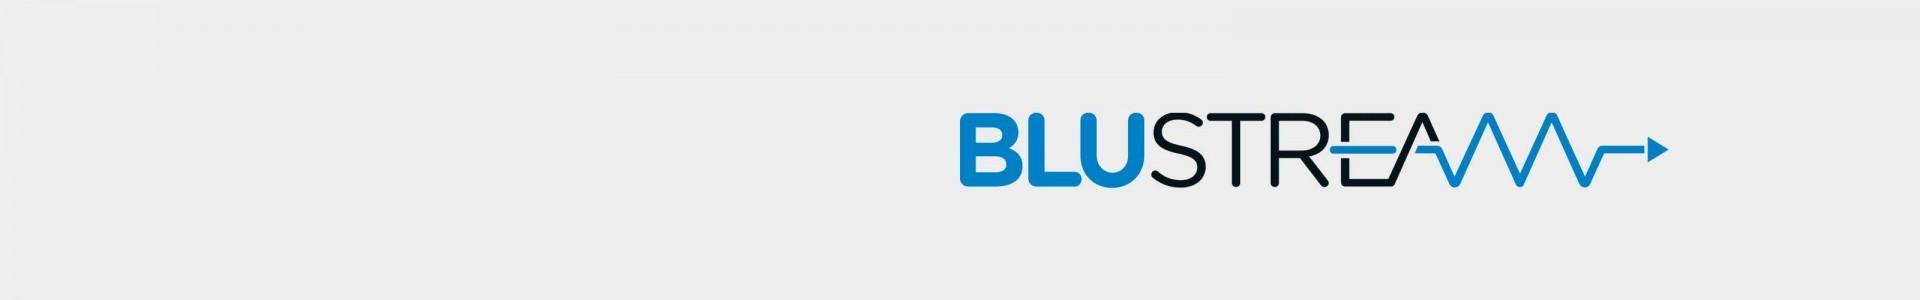 Matrices Vídeo Blustream en Avacab - Calidad al mejor precio